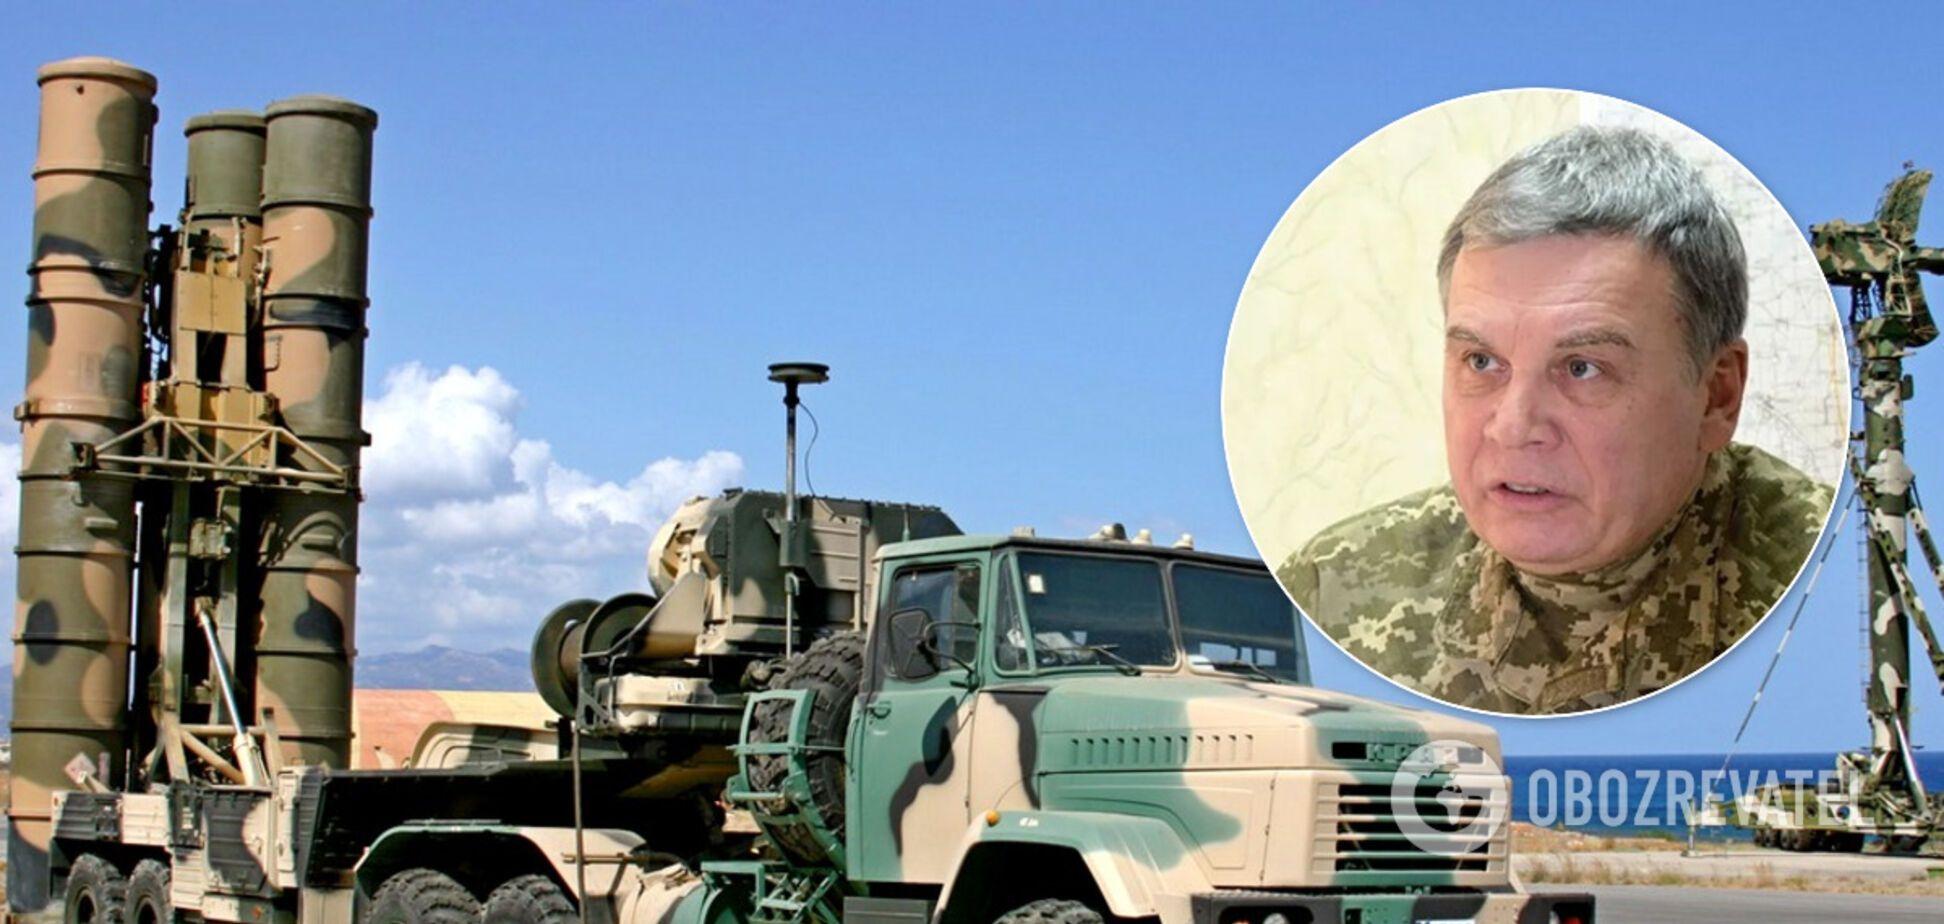 Андрей Таран заявил о подрыве боевой готовности частей ПВО Украины